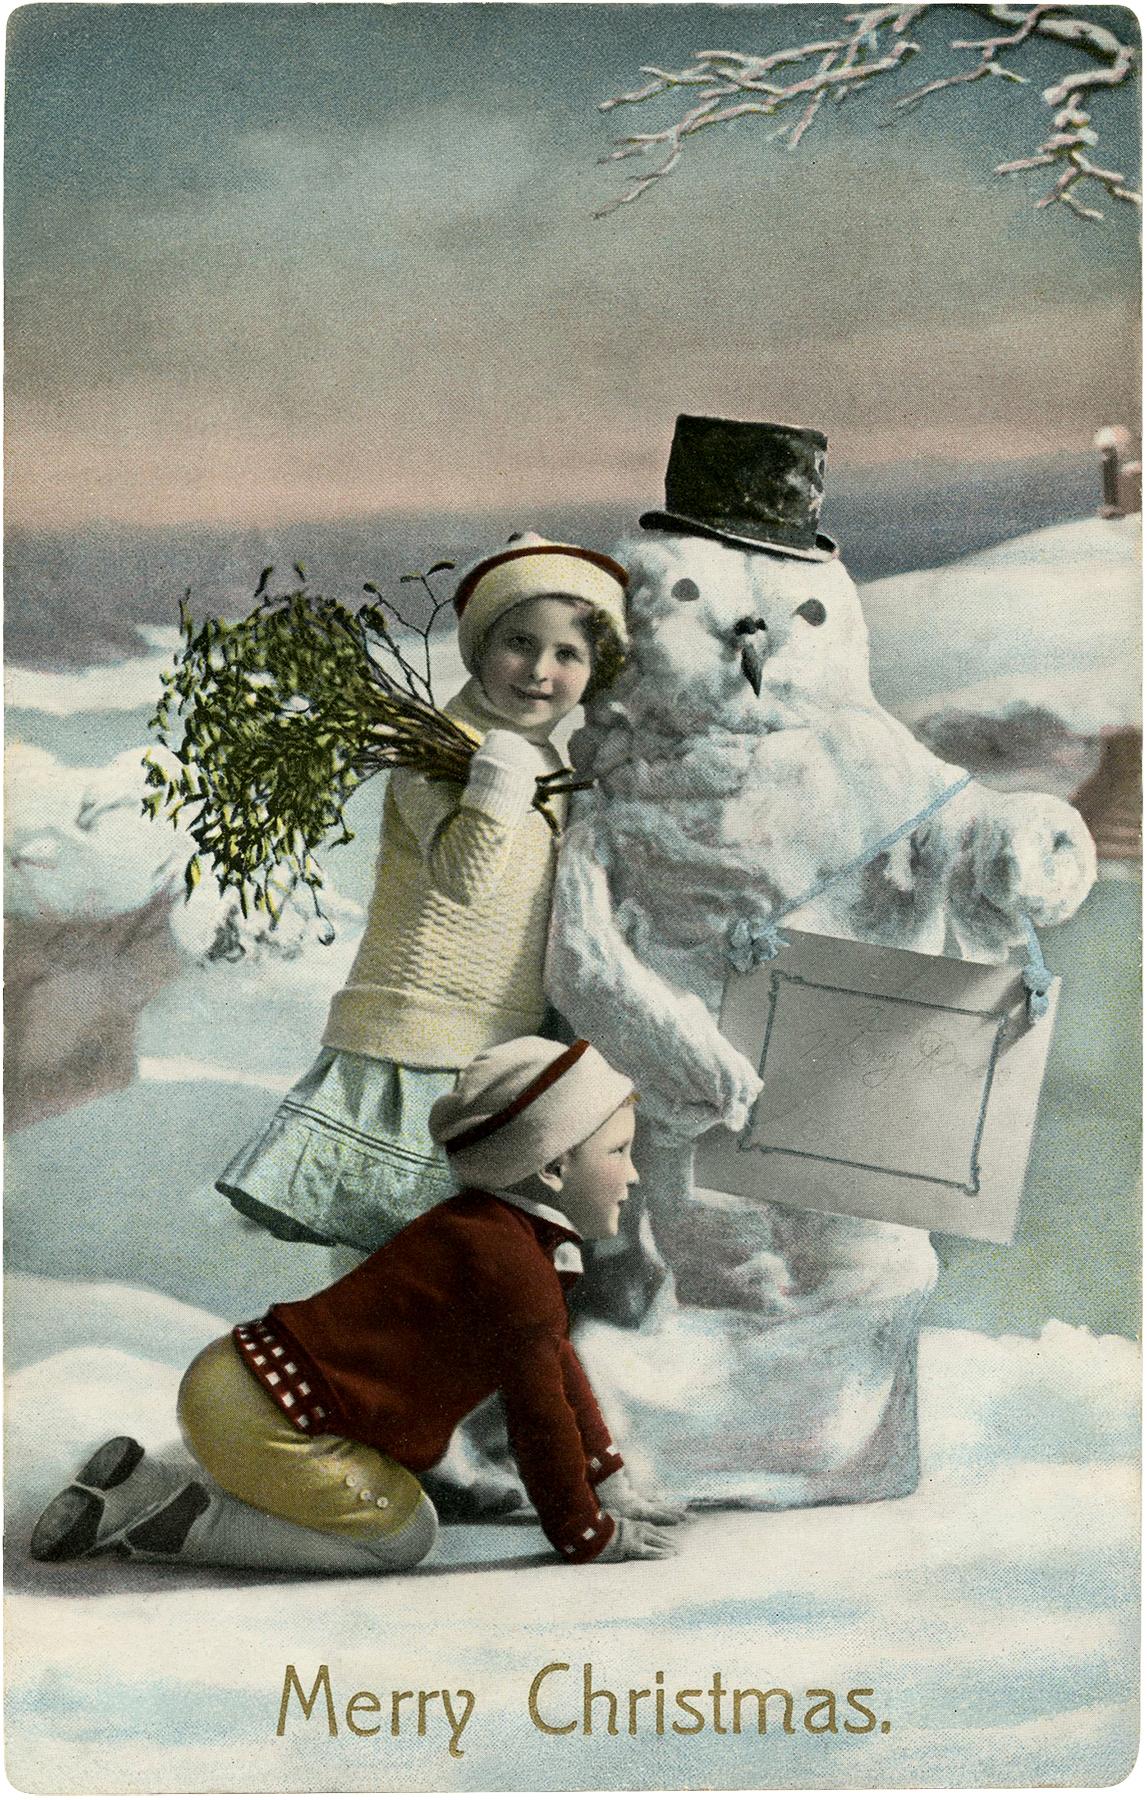 Decent Vintage Snowman Photo Vintage Snowman Graphics Fairy Vintage Truck Photos Vintage Photos 1960s photos Vintage Christmas Photos